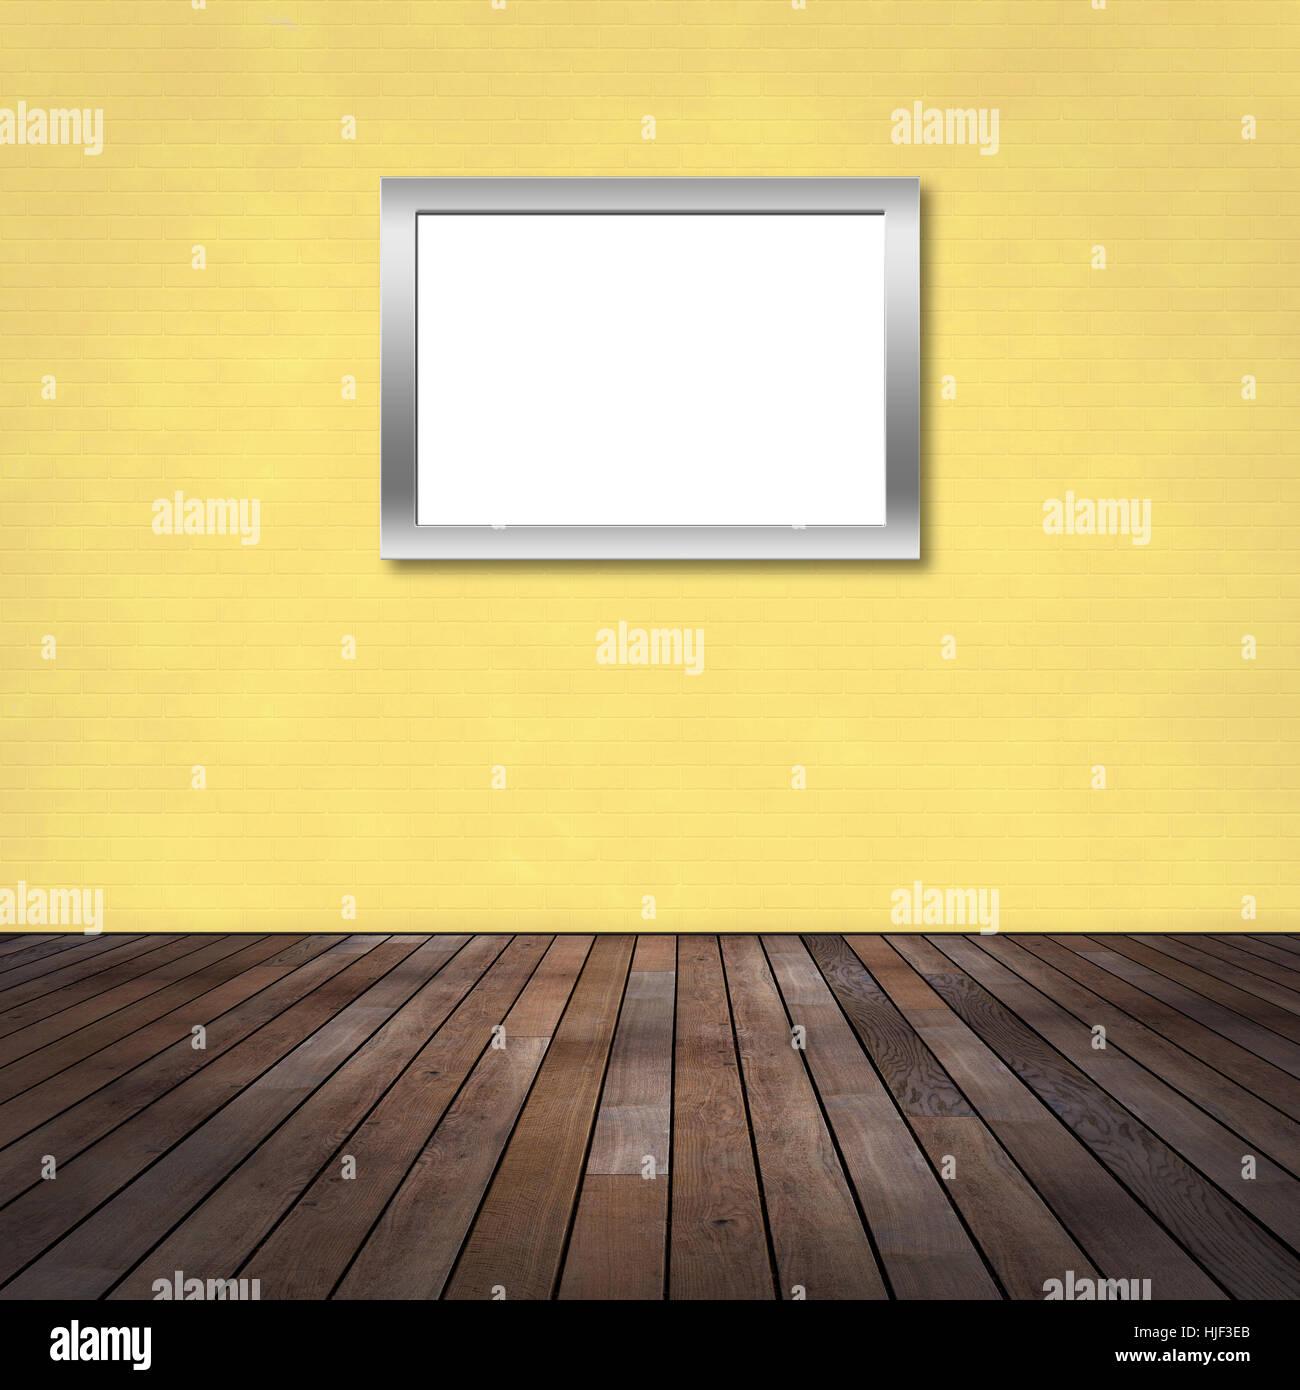 Wunderbar Framing Einen Boden Galerie - Benutzerdefinierte ...